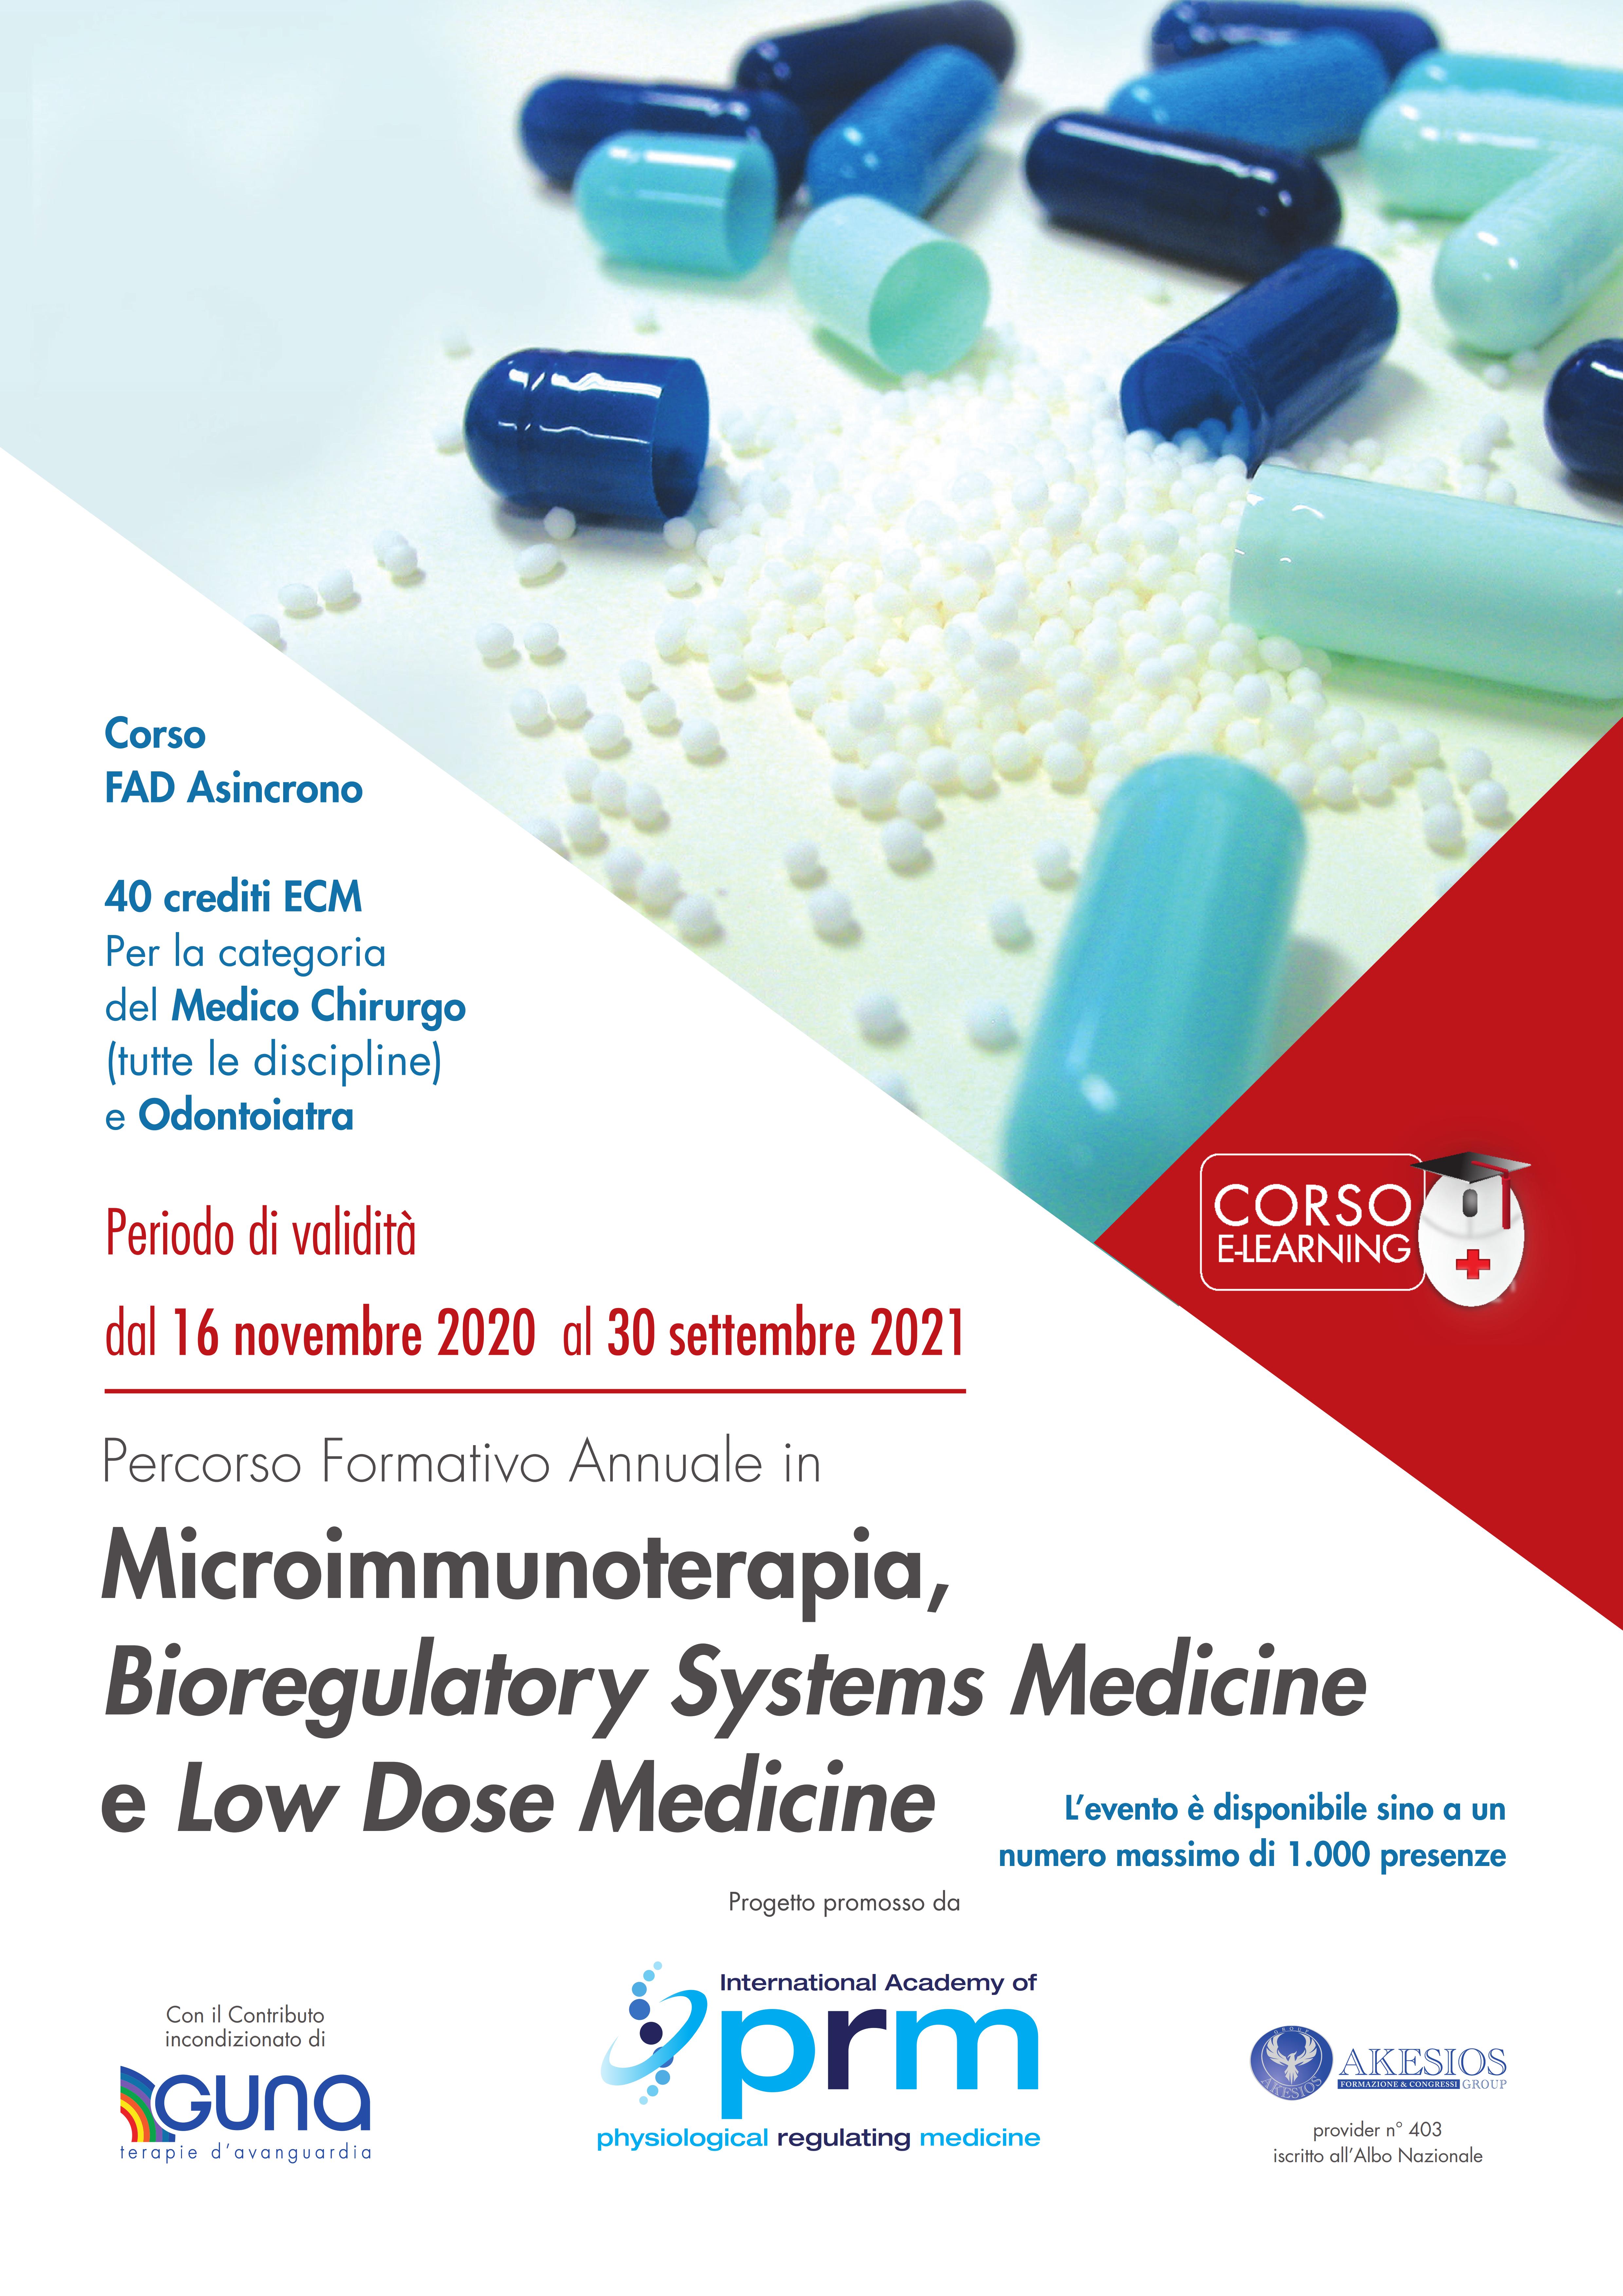 Percorso Formativo Annuale in Microimmunoterapia, Bioregulatory Systems Medicine e Low Dose Medicine